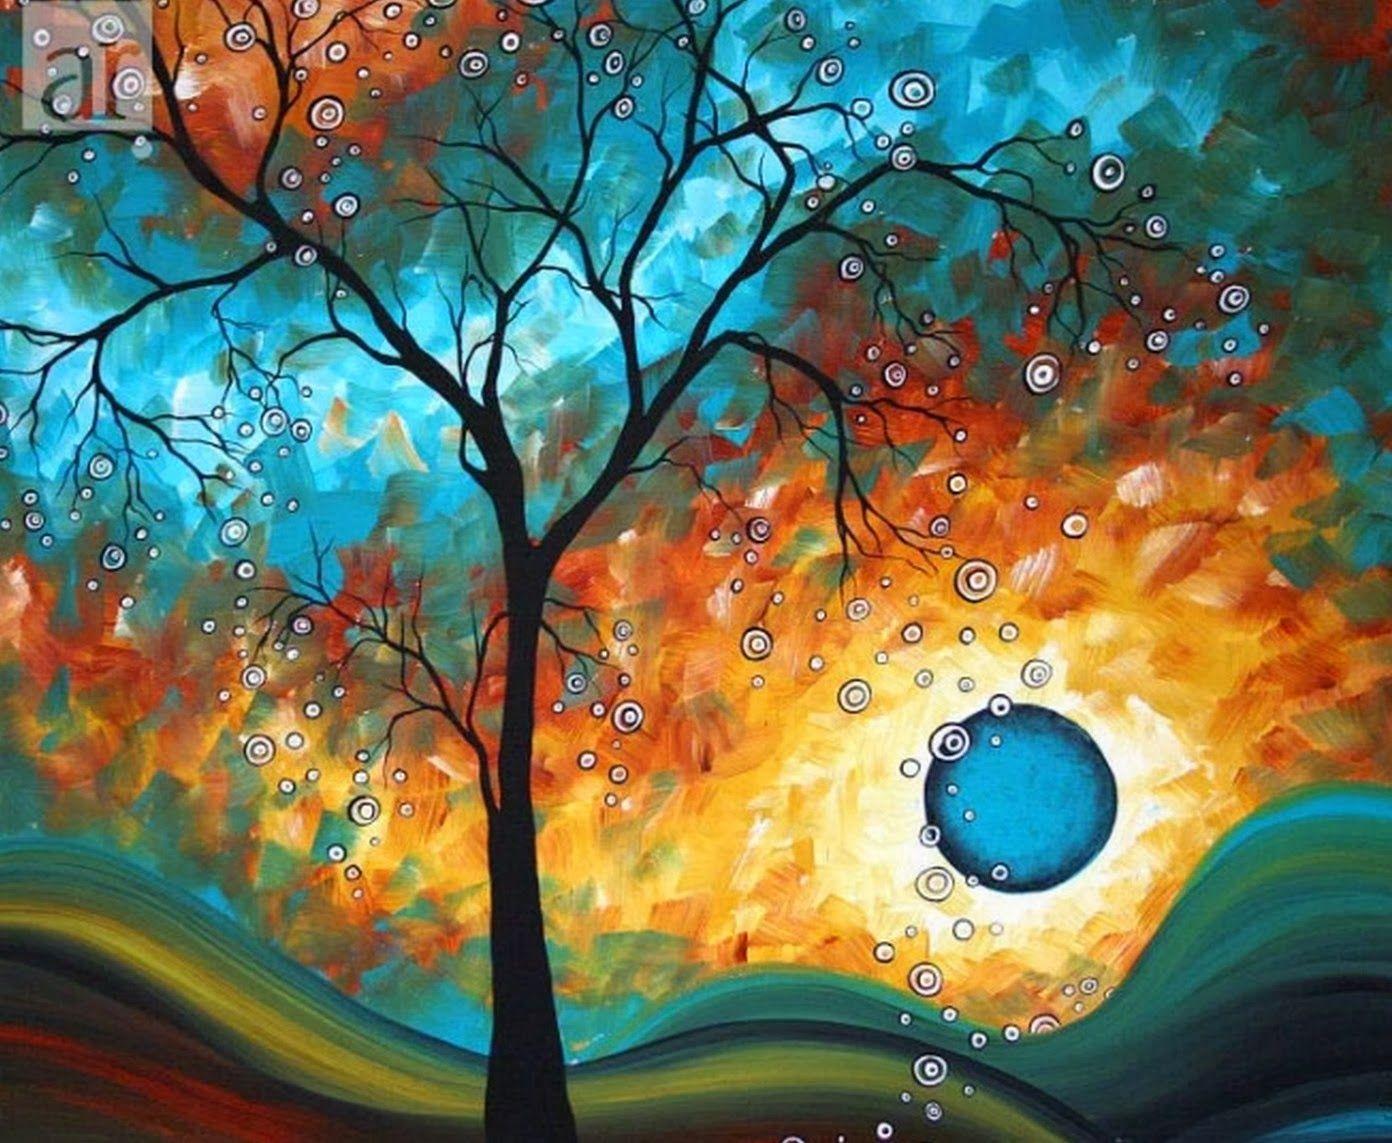 Cuadros modernos abstractos de paisajes aroon duncanson for Imagenes cuadros abstractos modernos